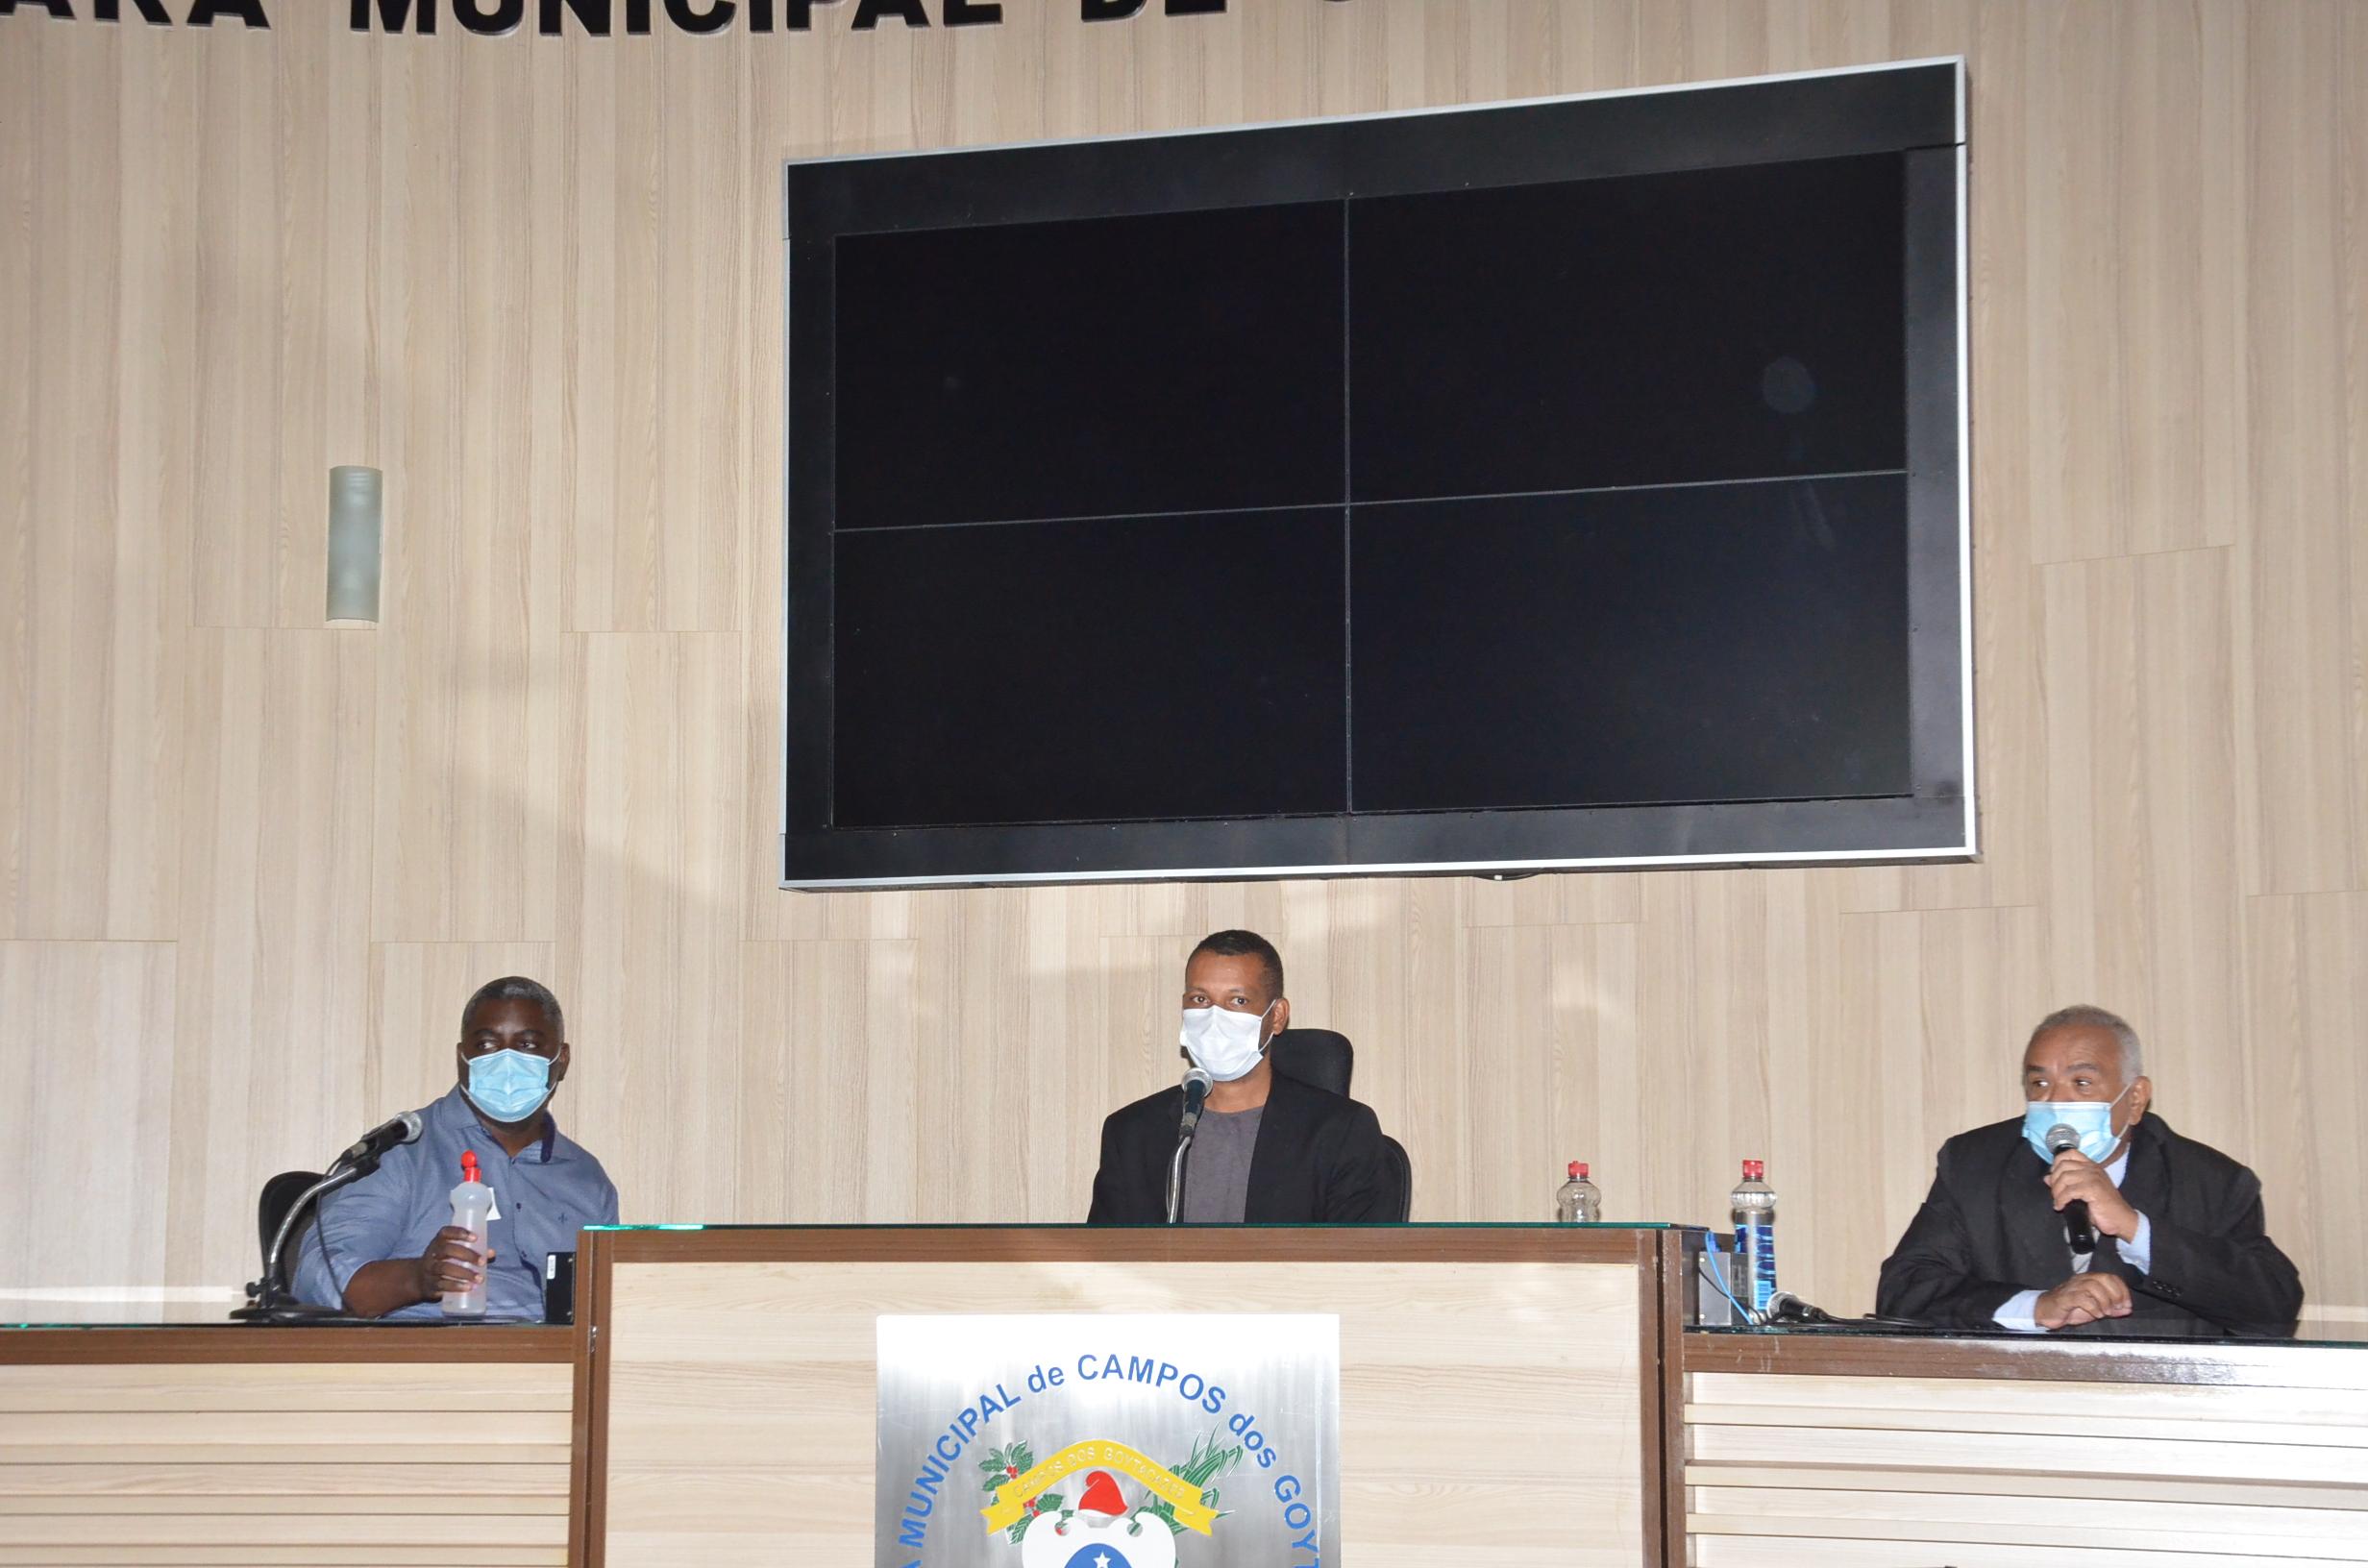 O projeto foi apresentado durante audiência pública, realizada nesta semana, na Câmara Municipal de Campos dos Goytacazes